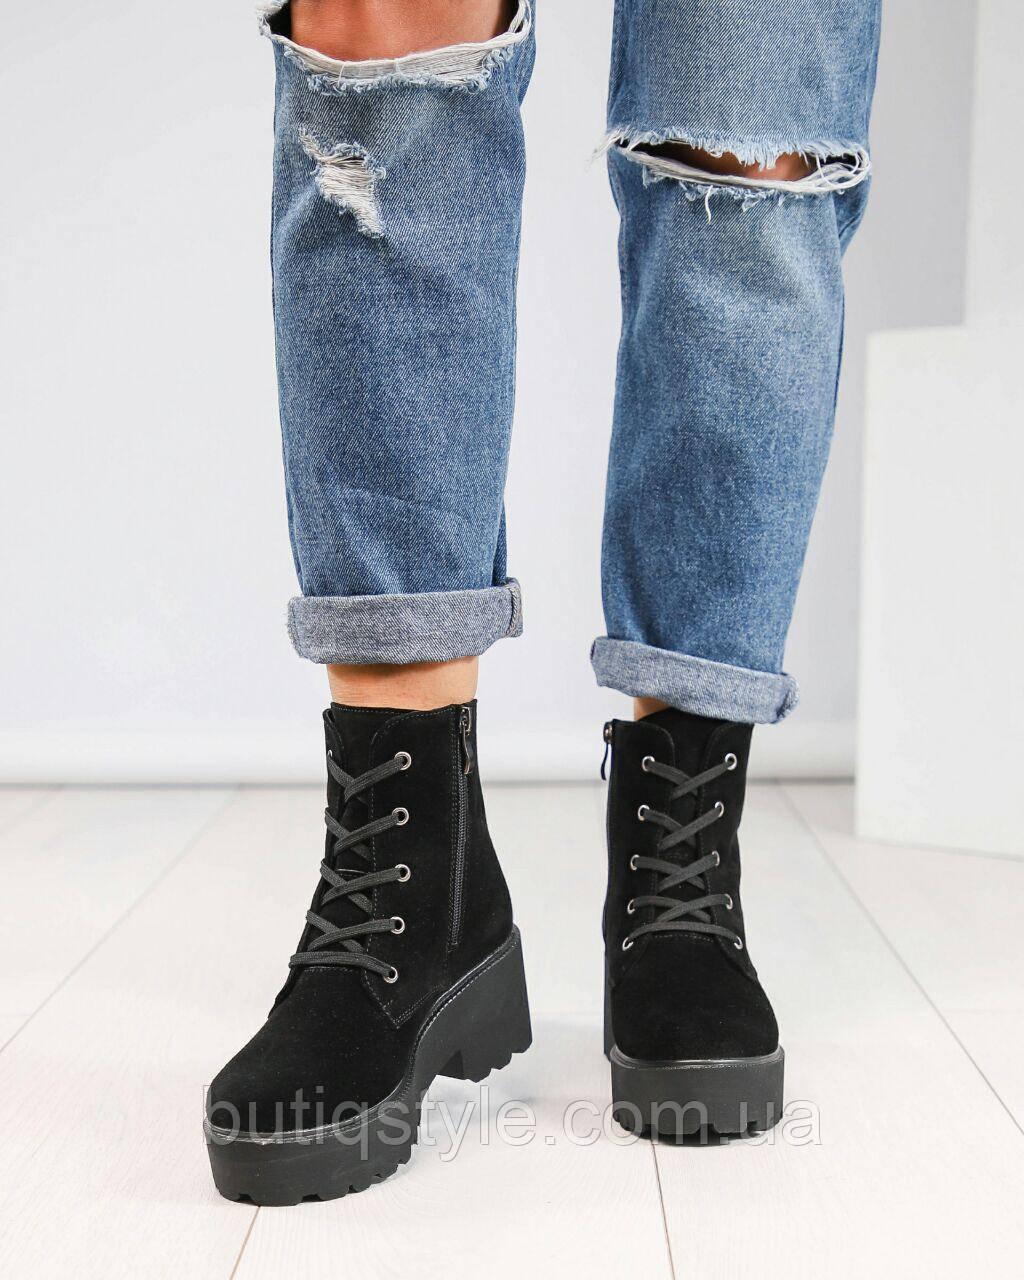 Женские черные ботинки на шнуровке натуральный замш Деми